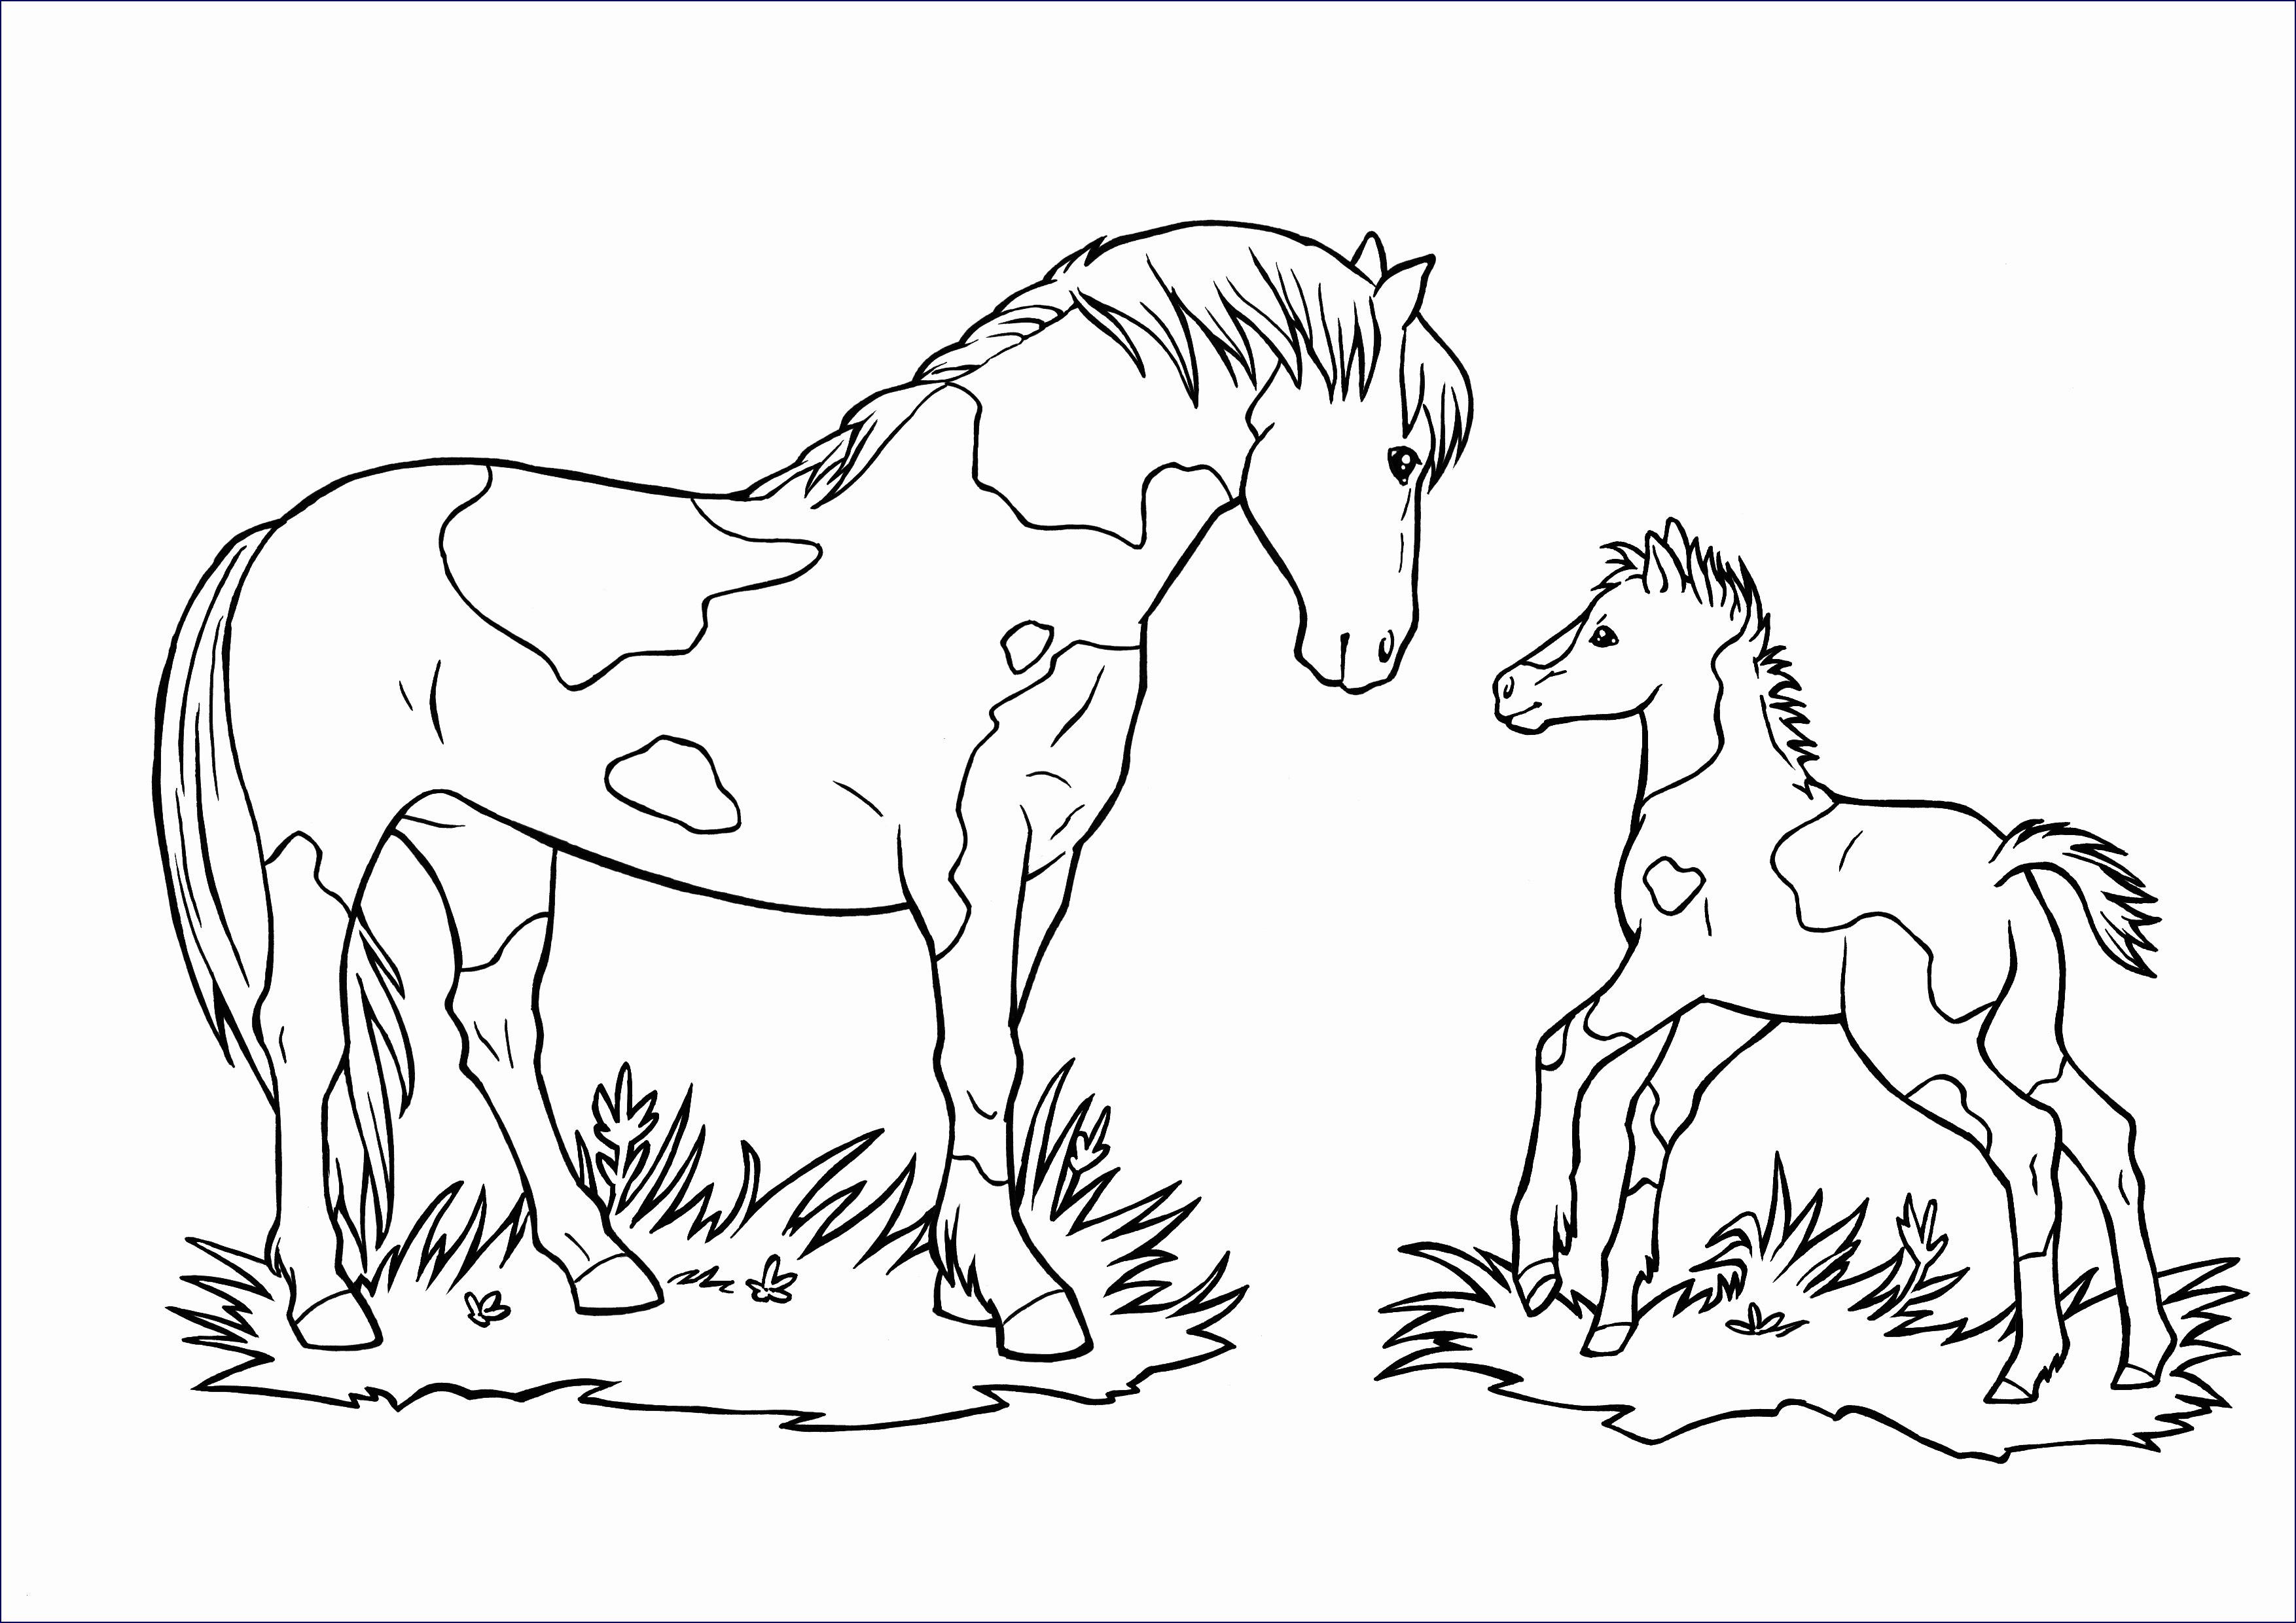 Pferde Ausmalbilder Zum Drucken Neu 40 Genial Bilder Von Pferde Zum Ausdrucken Best Pferde Bild